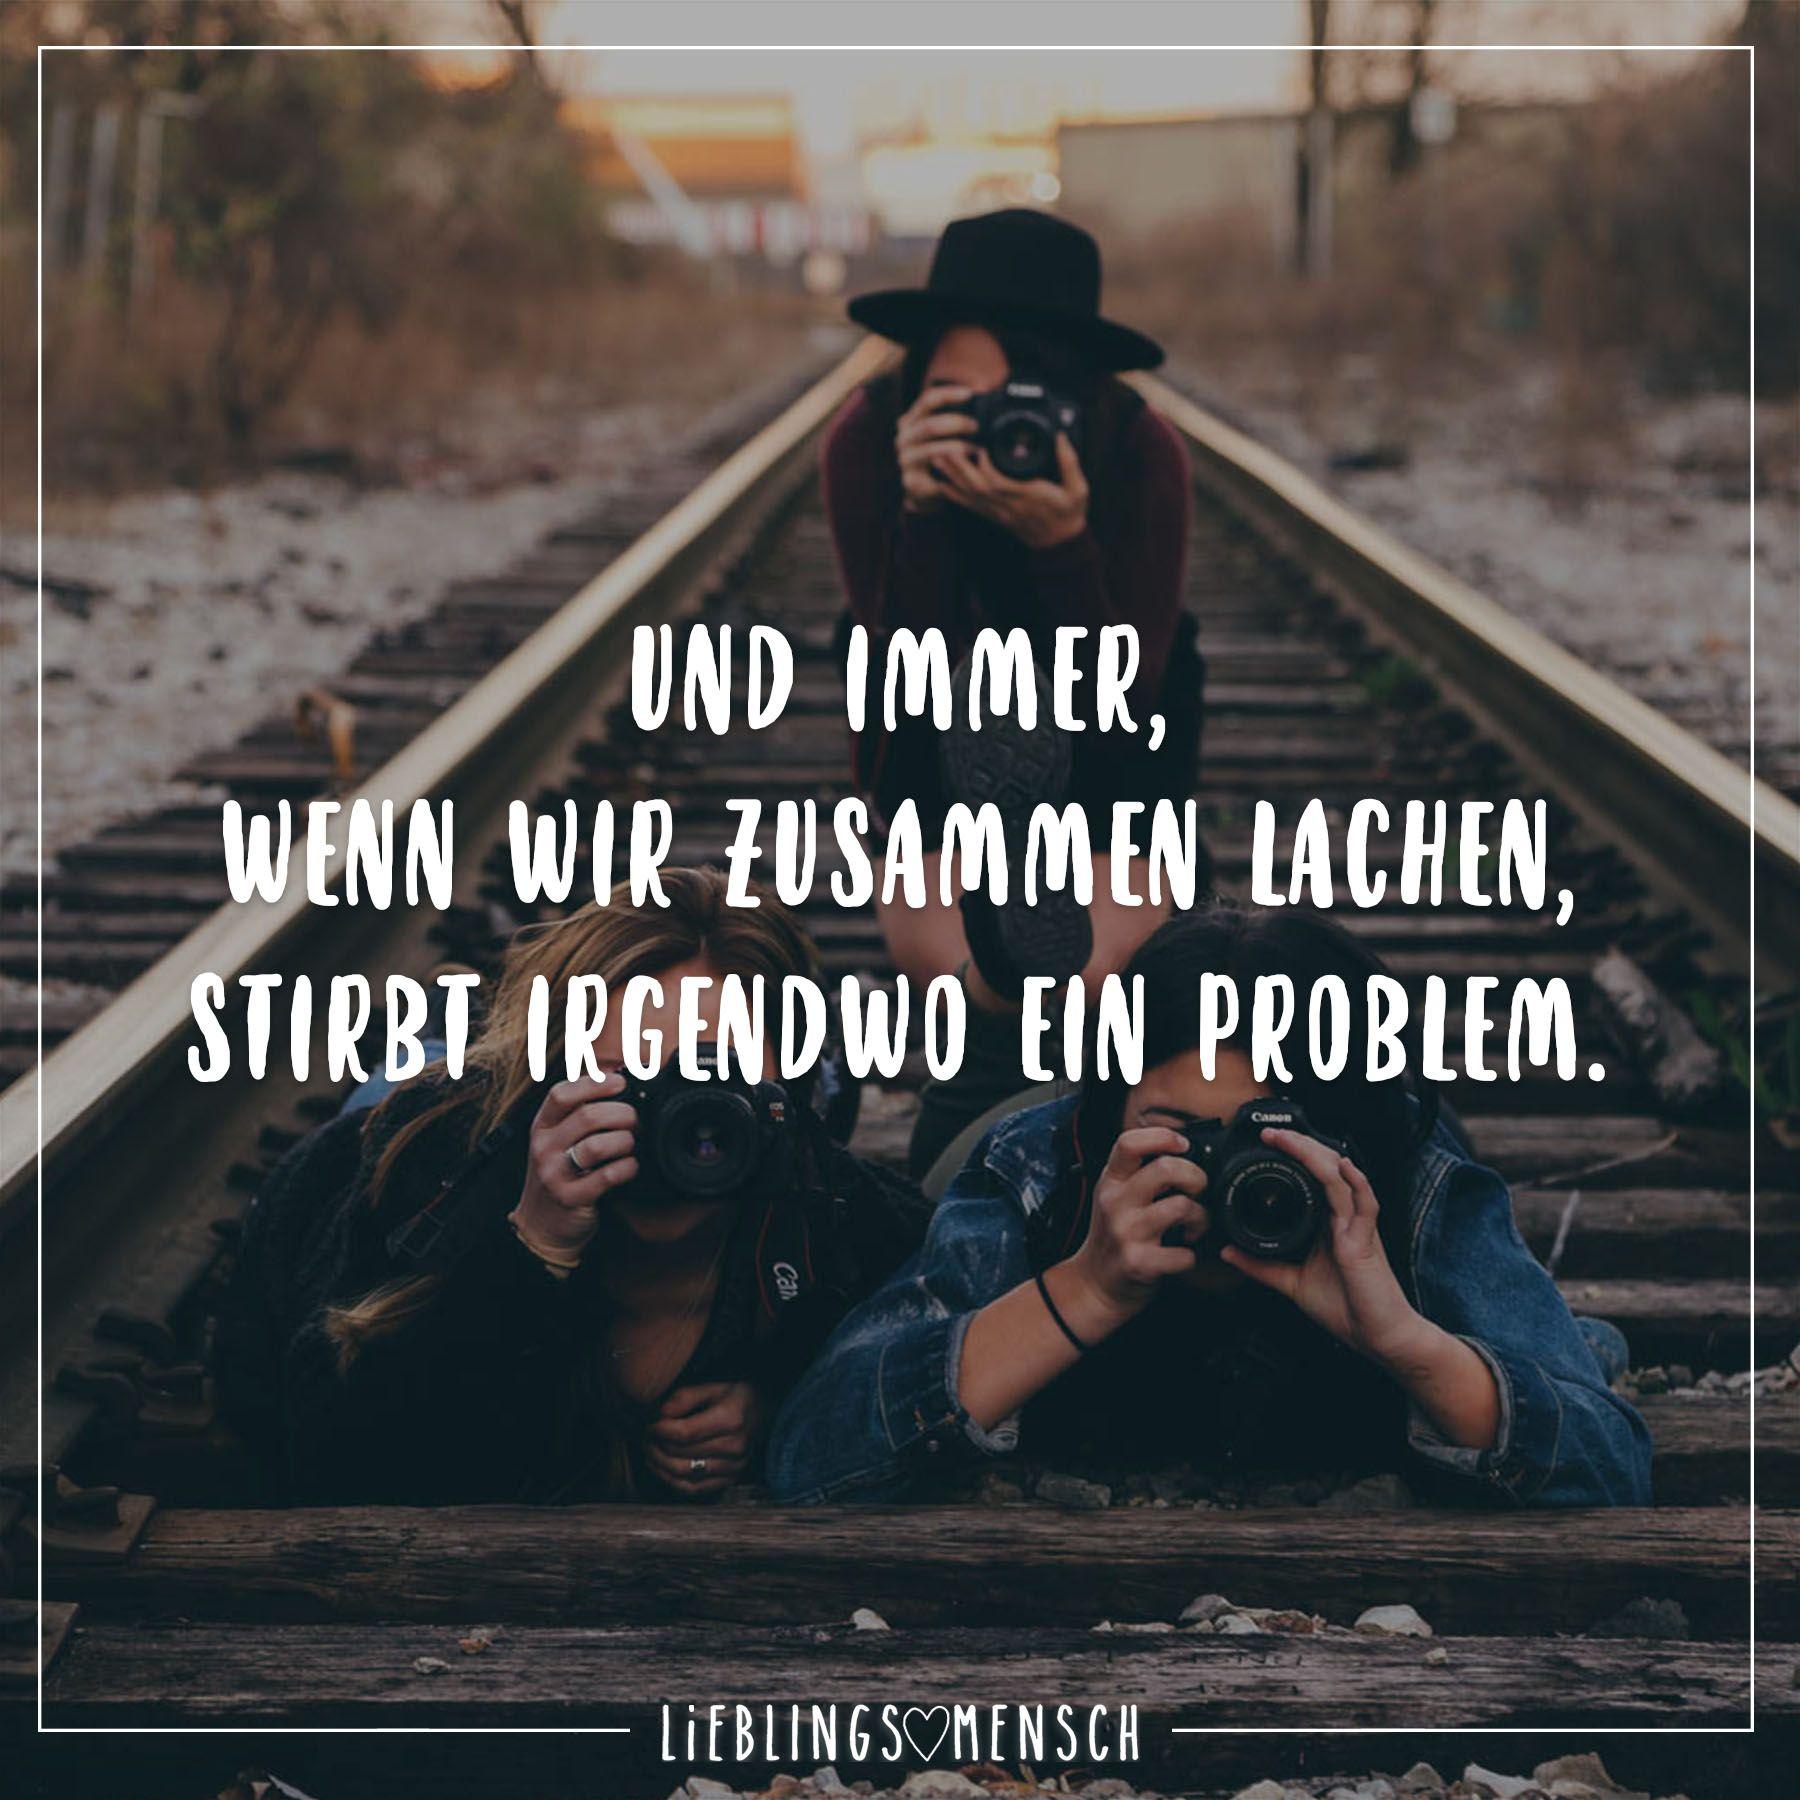 Und immer, wenn wir zusammen lachen, stirbt irgendwo ein Problem